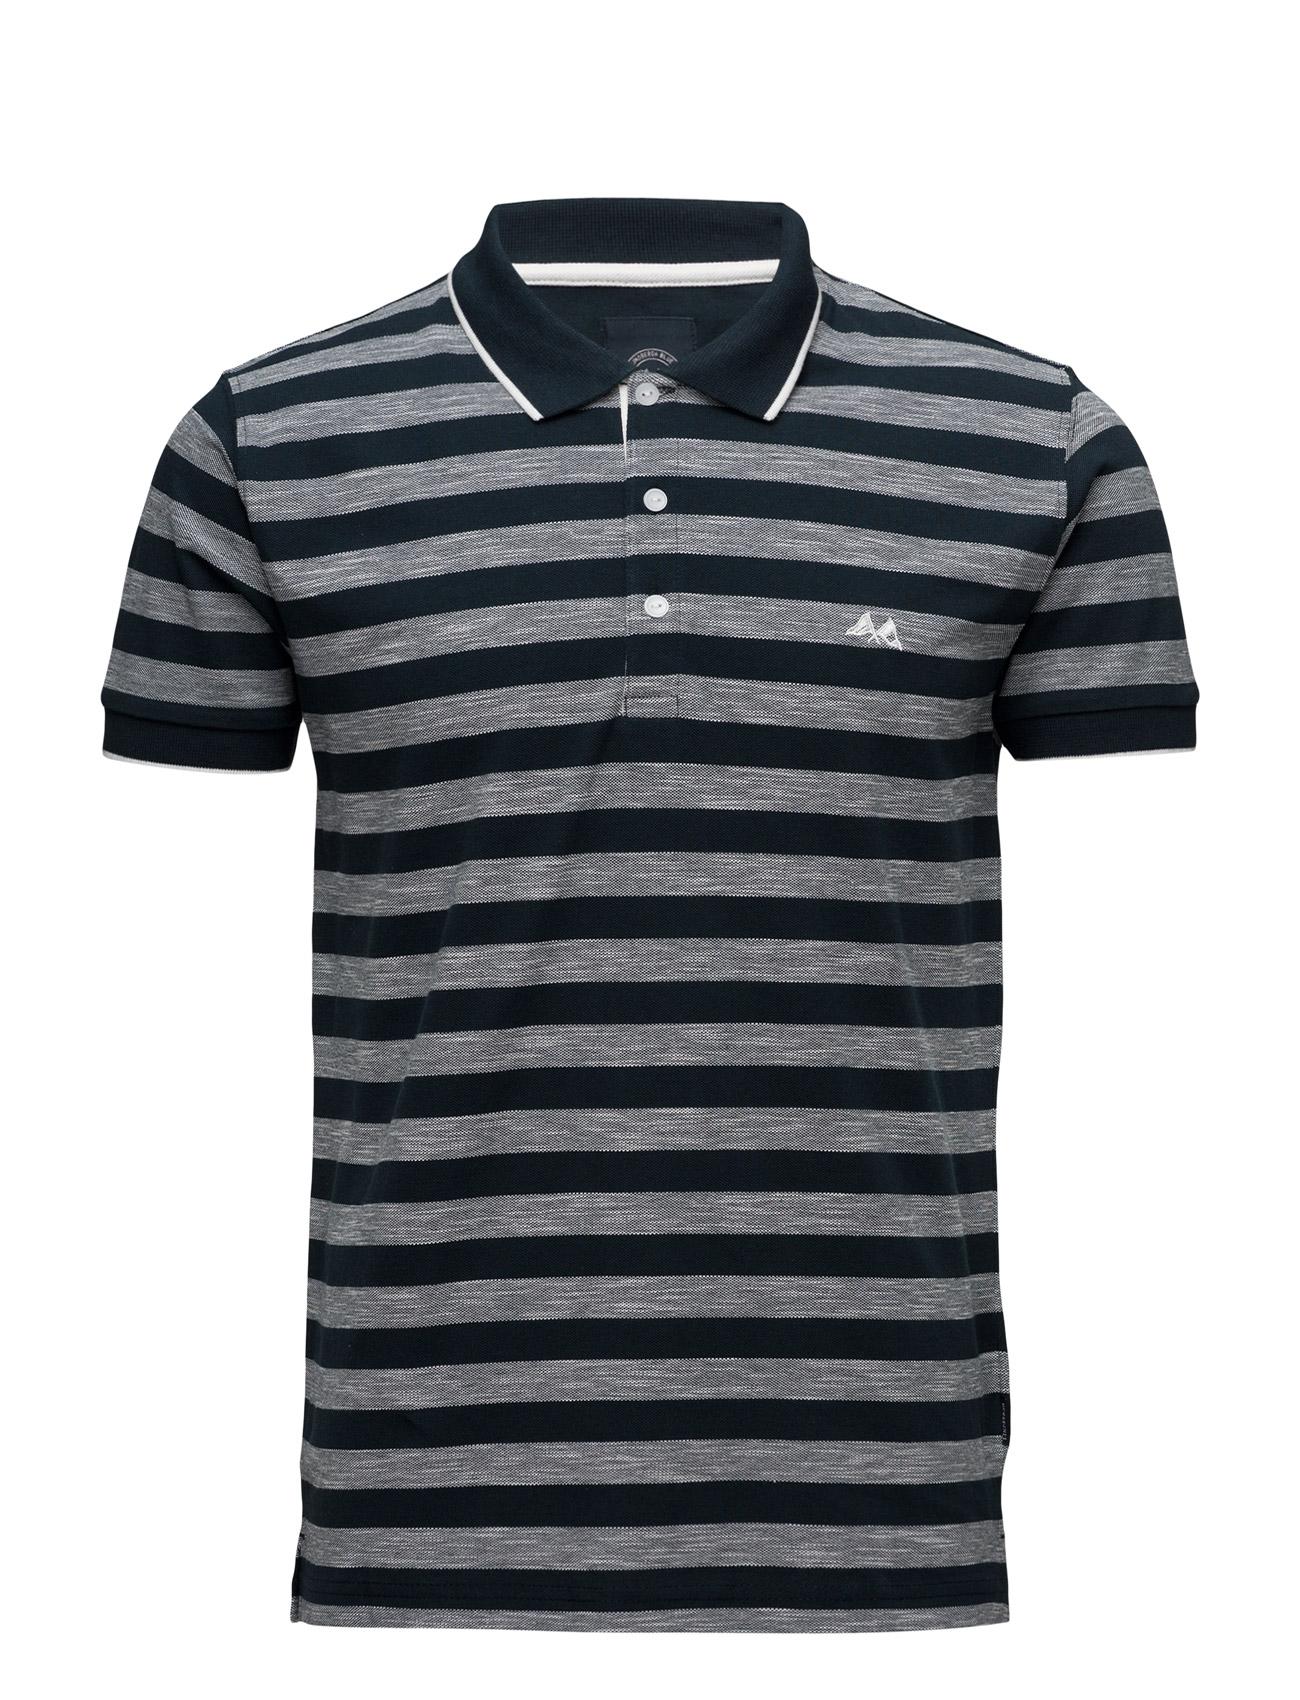 Stripedpolopiqueå«S/S Lindbergh Kortærmede polo t-shirts til Mænd i Blå